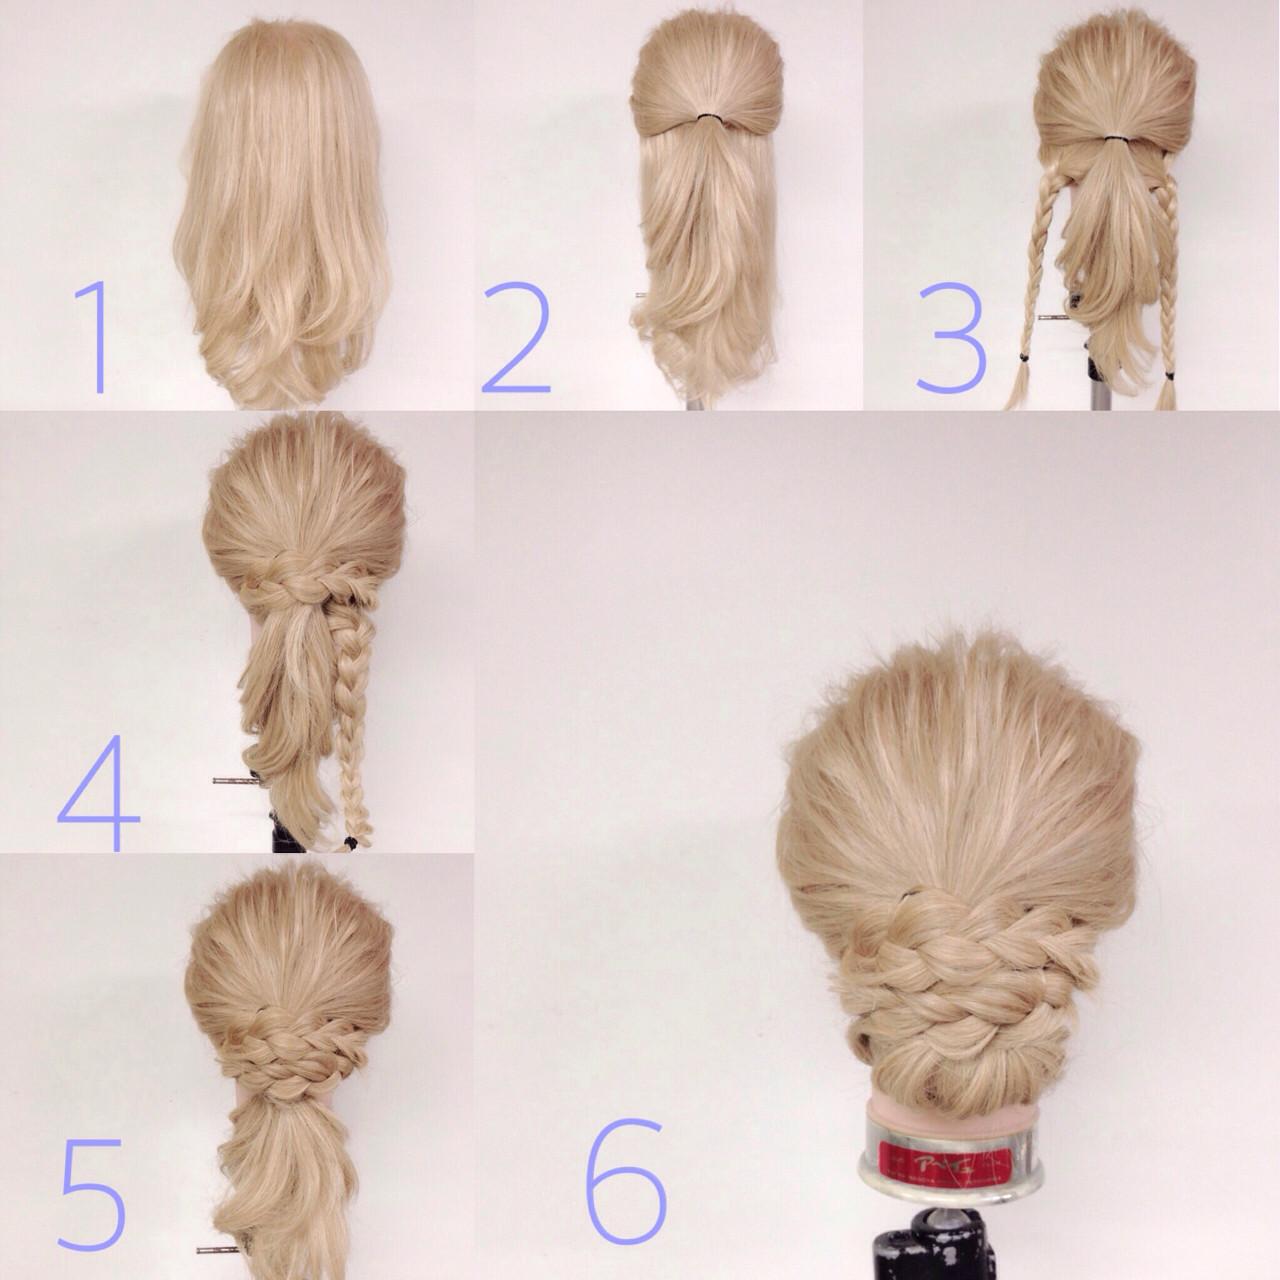 簡単可愛い♡おしゃれをランクアップさせるまとめ髪アレンジ5選 あだち きみよ